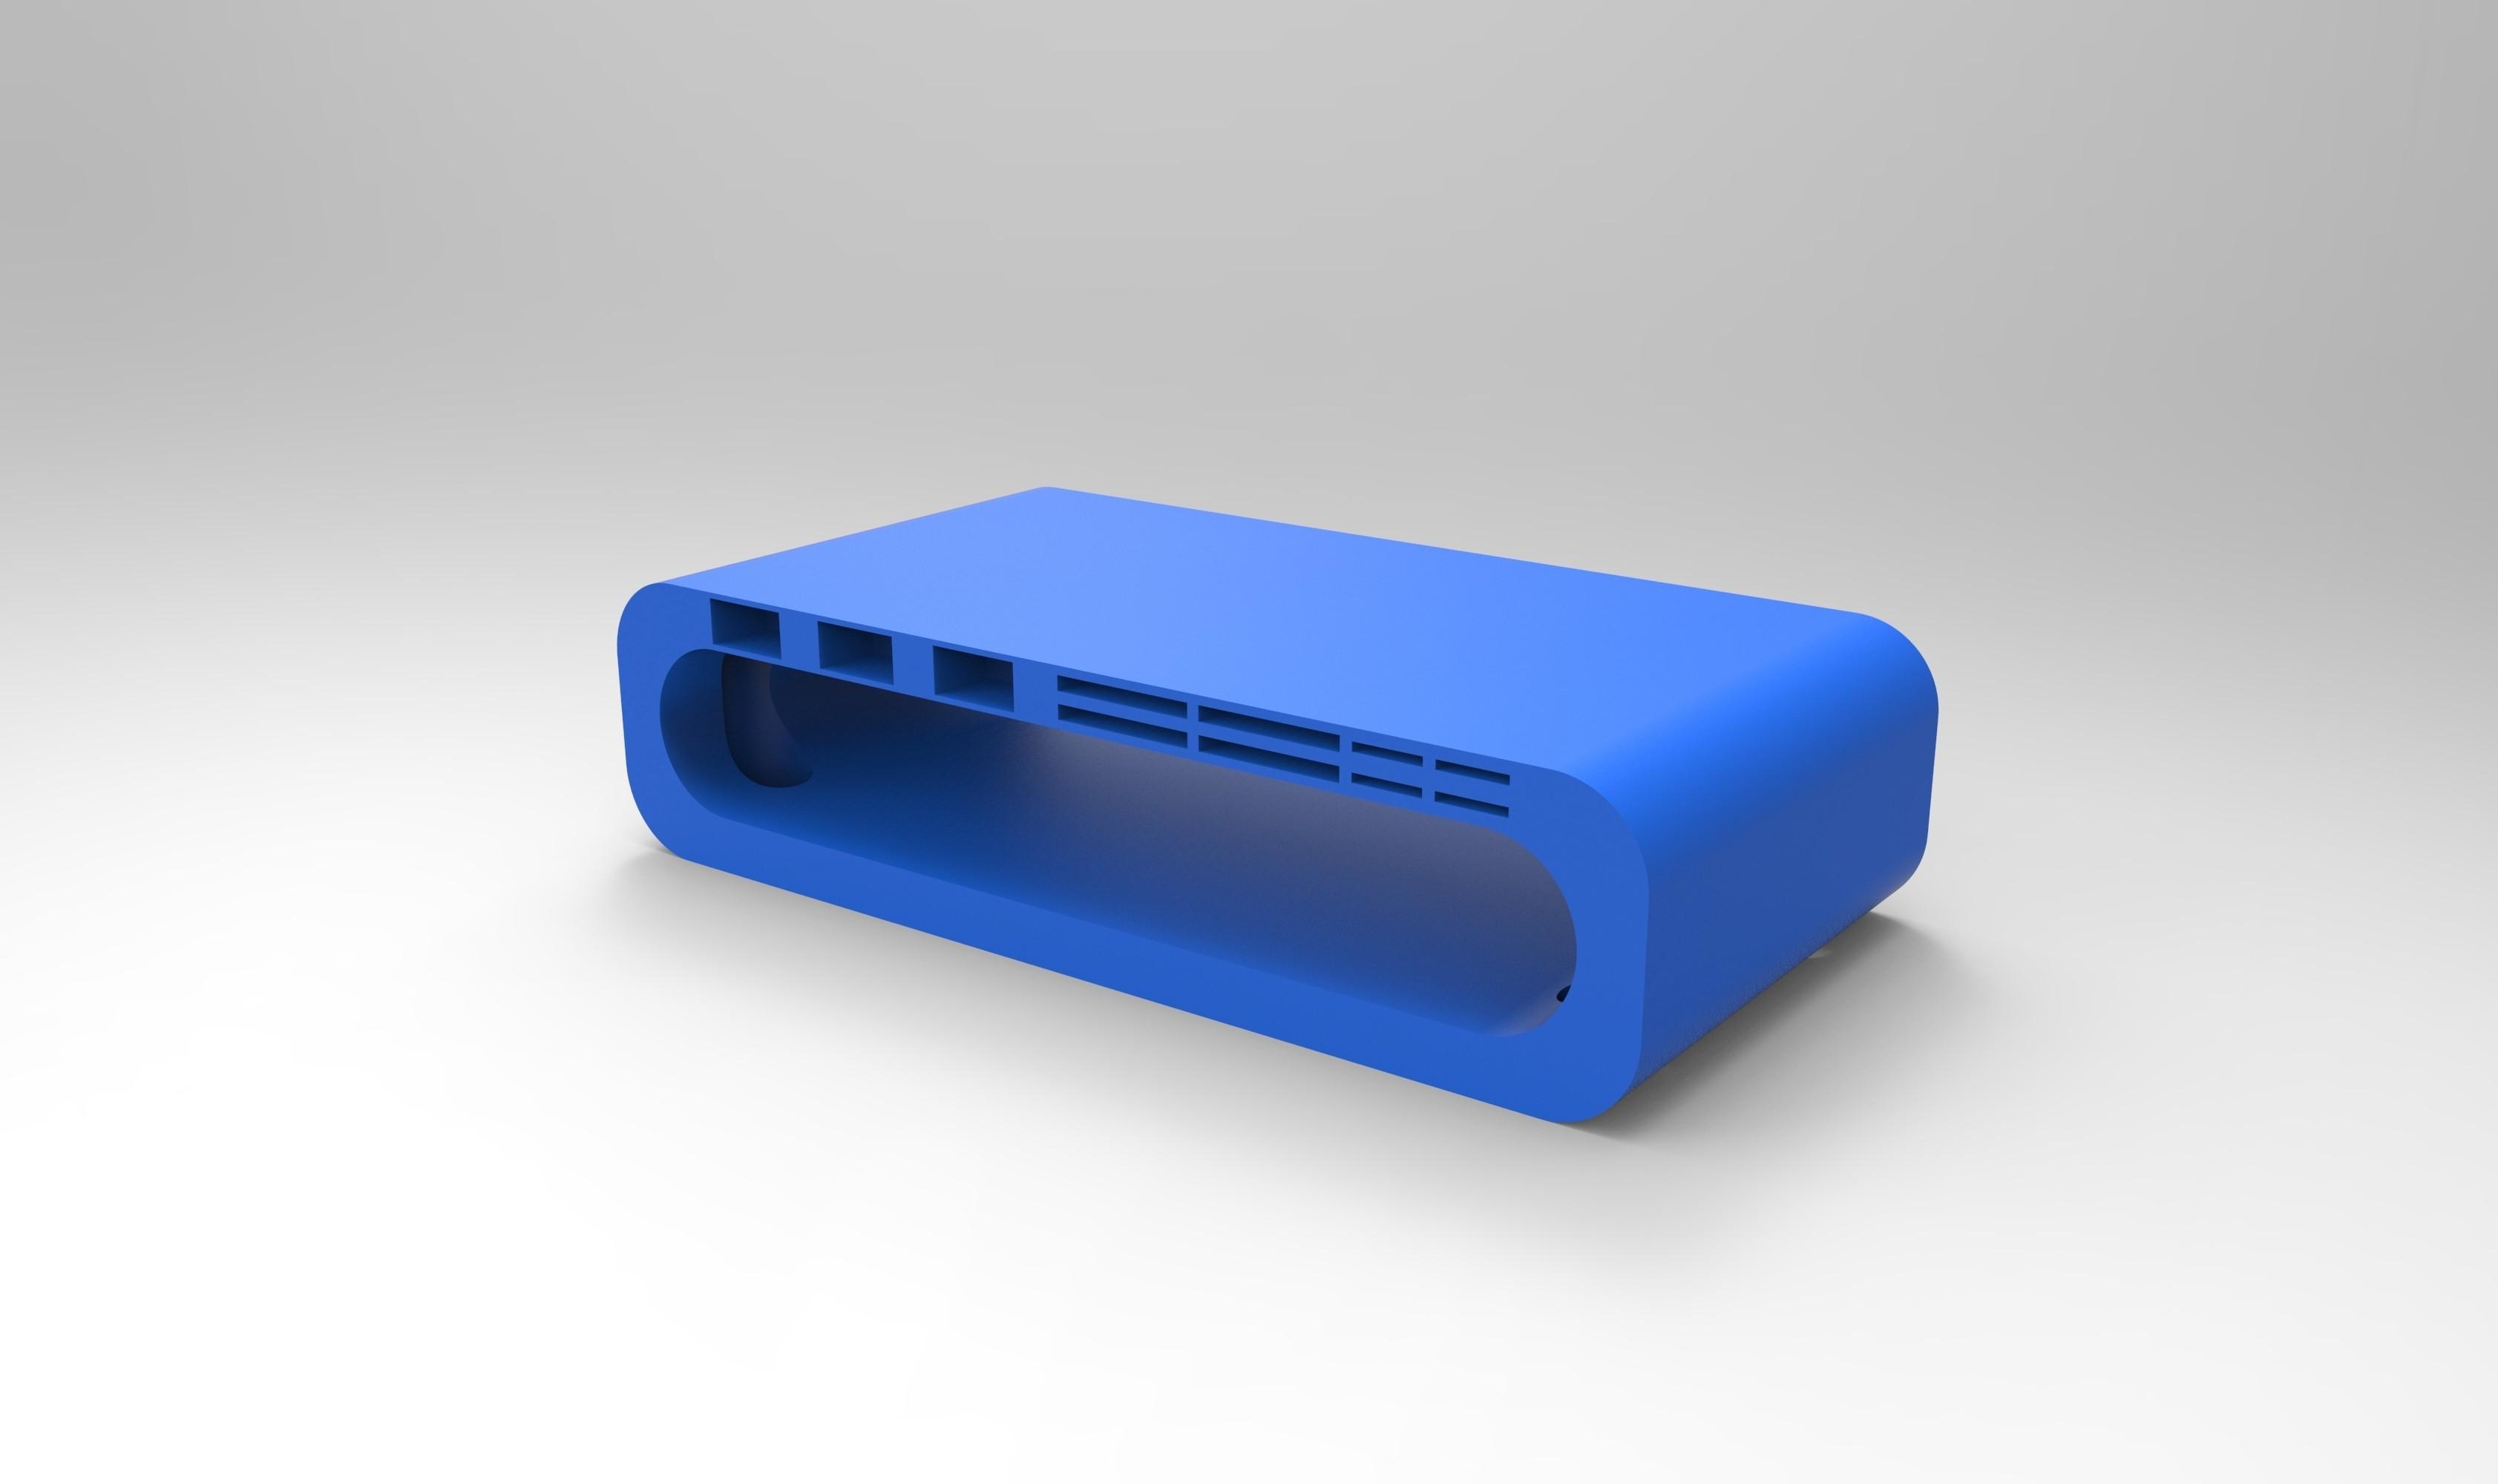 rendu bleu tablette ordi.jpg Télécharger fichier STL Meuble pour ordinateur avec porte carte sd, micro sd et clef USB • Design imprimable en 3D, GuilhemPerroud